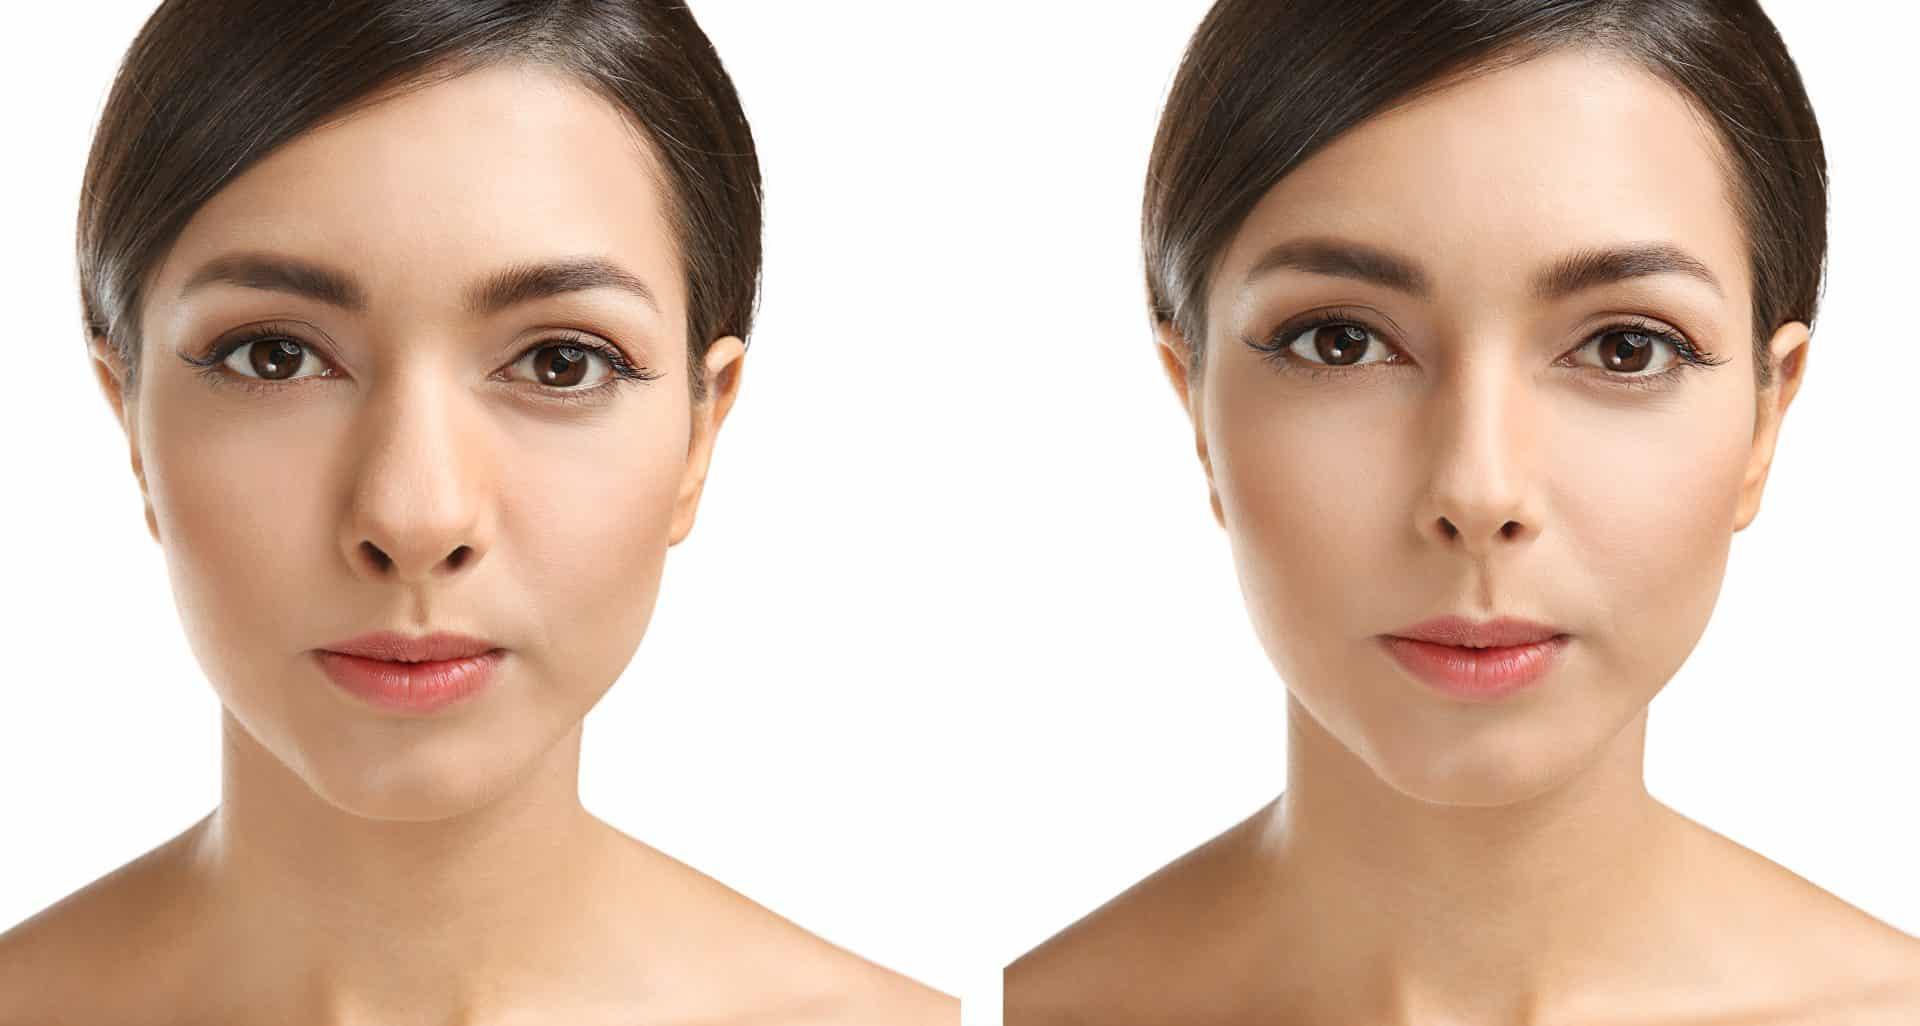 Rinoplastia de punta de nariz bulbosa: ¿Qué es y en qué consiste? Antes y después